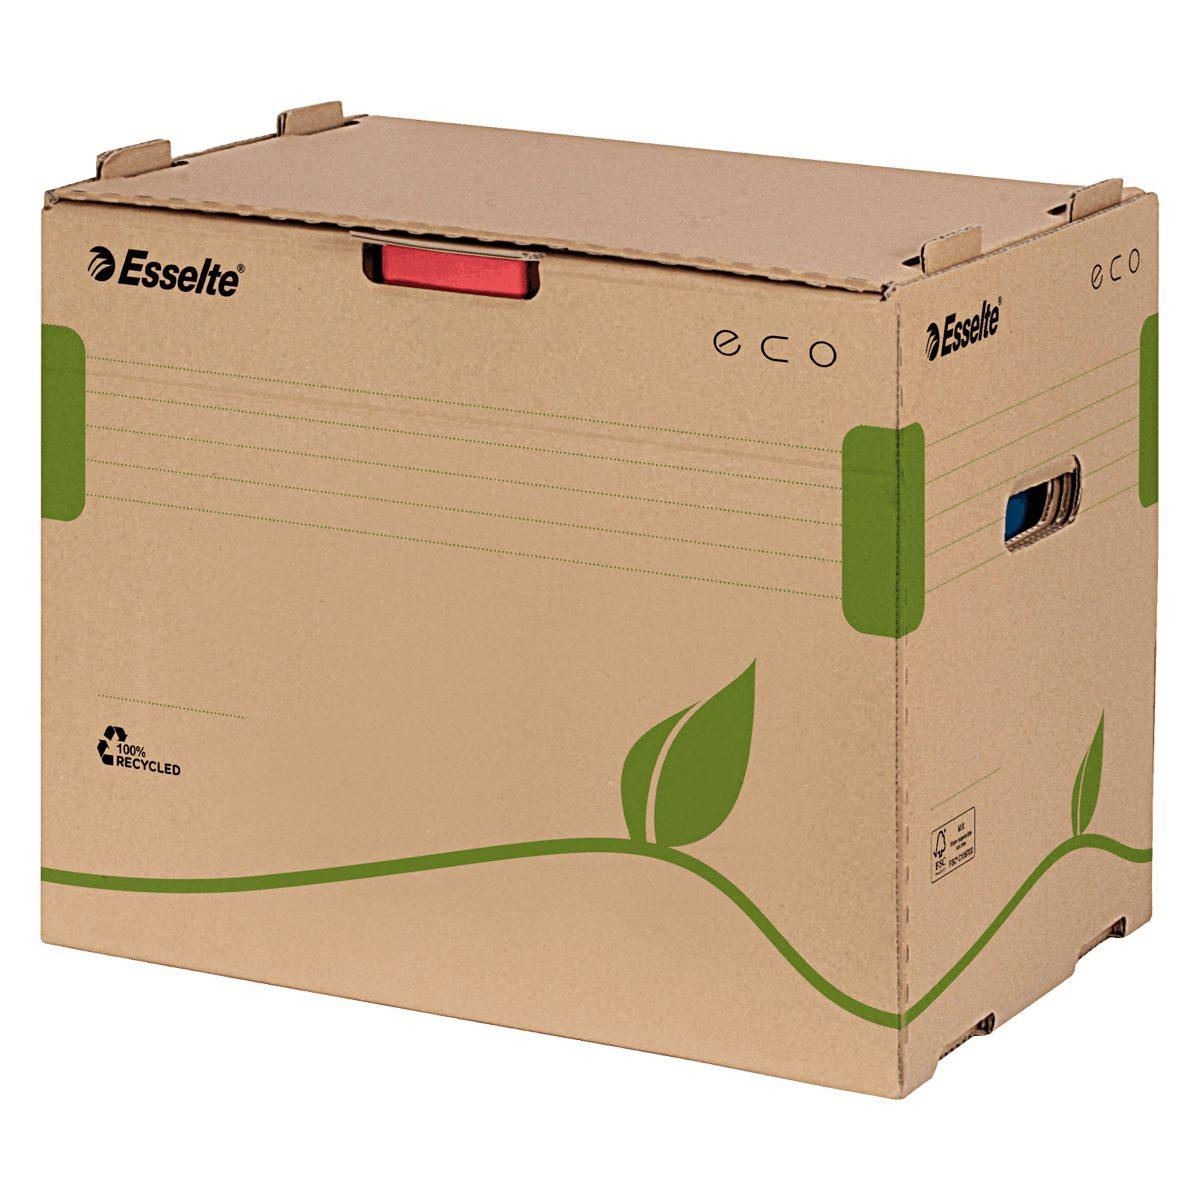 Container Pentru Arhivare Bibliorafturi, Eco, Esselte, 623920